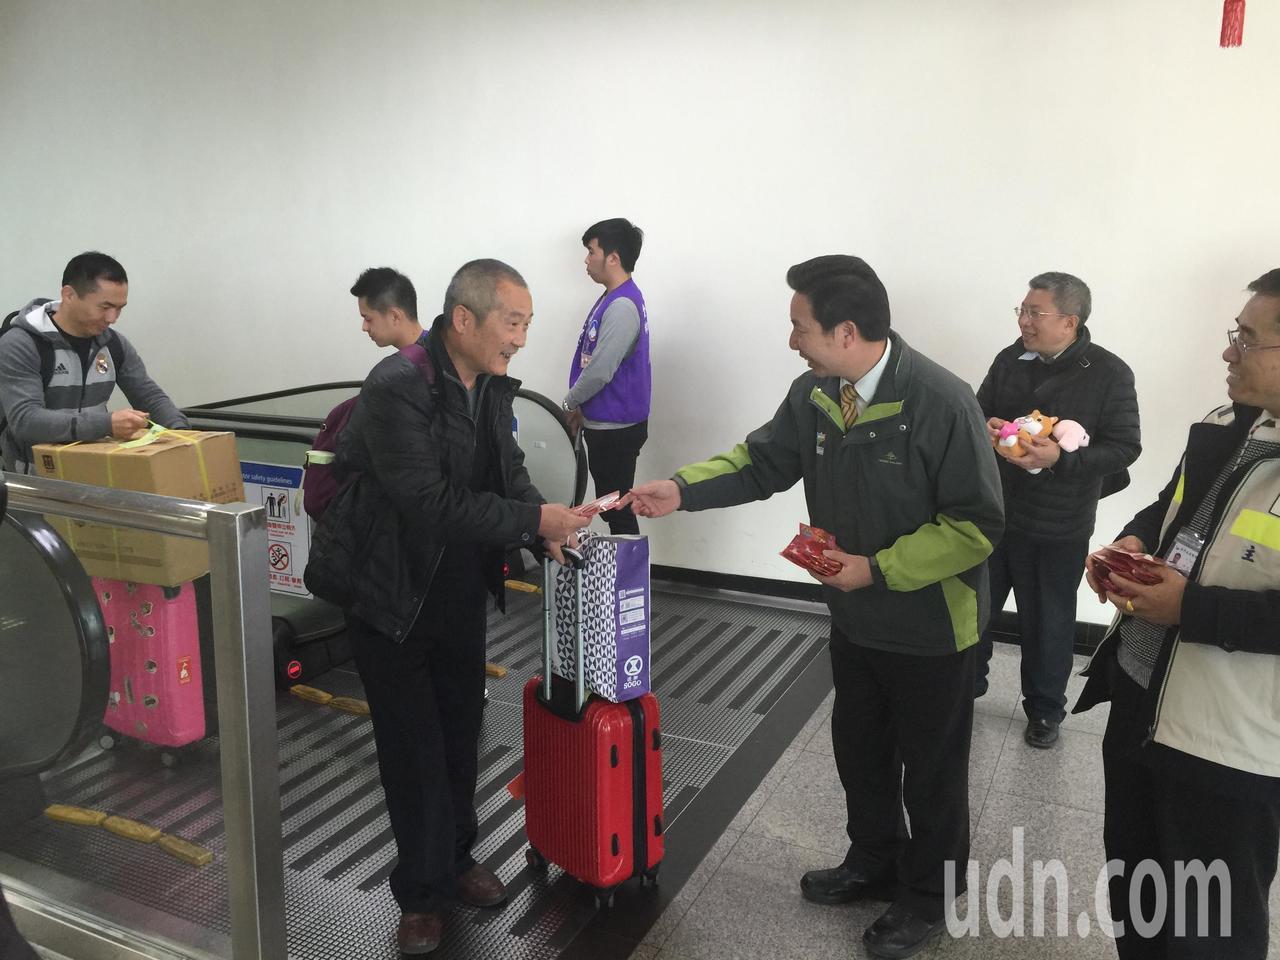 金門縣長陳福海到機場歡迎鄉親返鄉,並發送紀念品,讓鄉親笑開懷。記者蔡家蓁/攝影